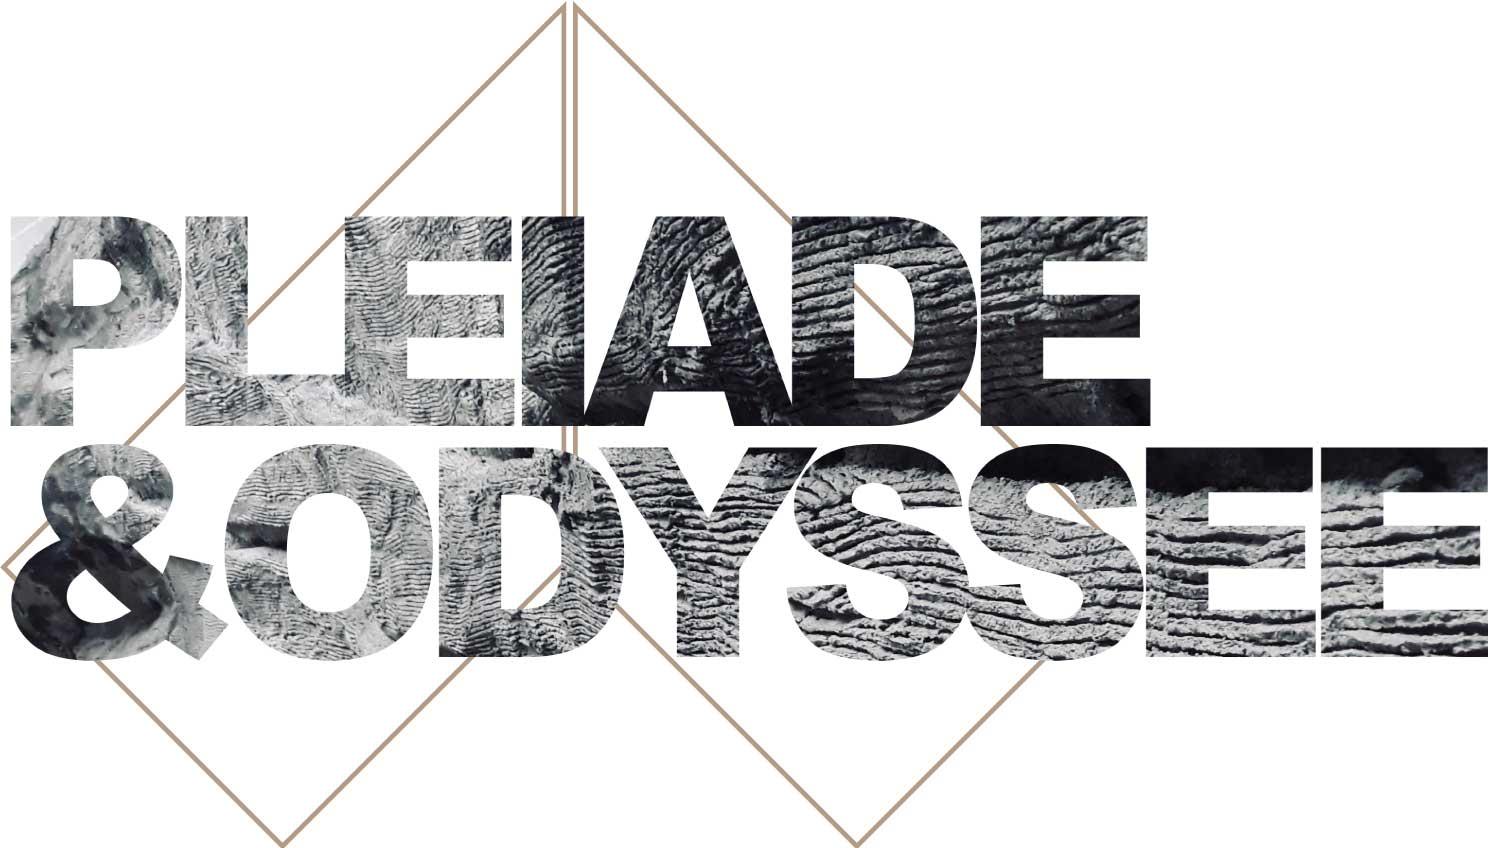 détail ciment de l'oeuvre Pléiade et Odyssée